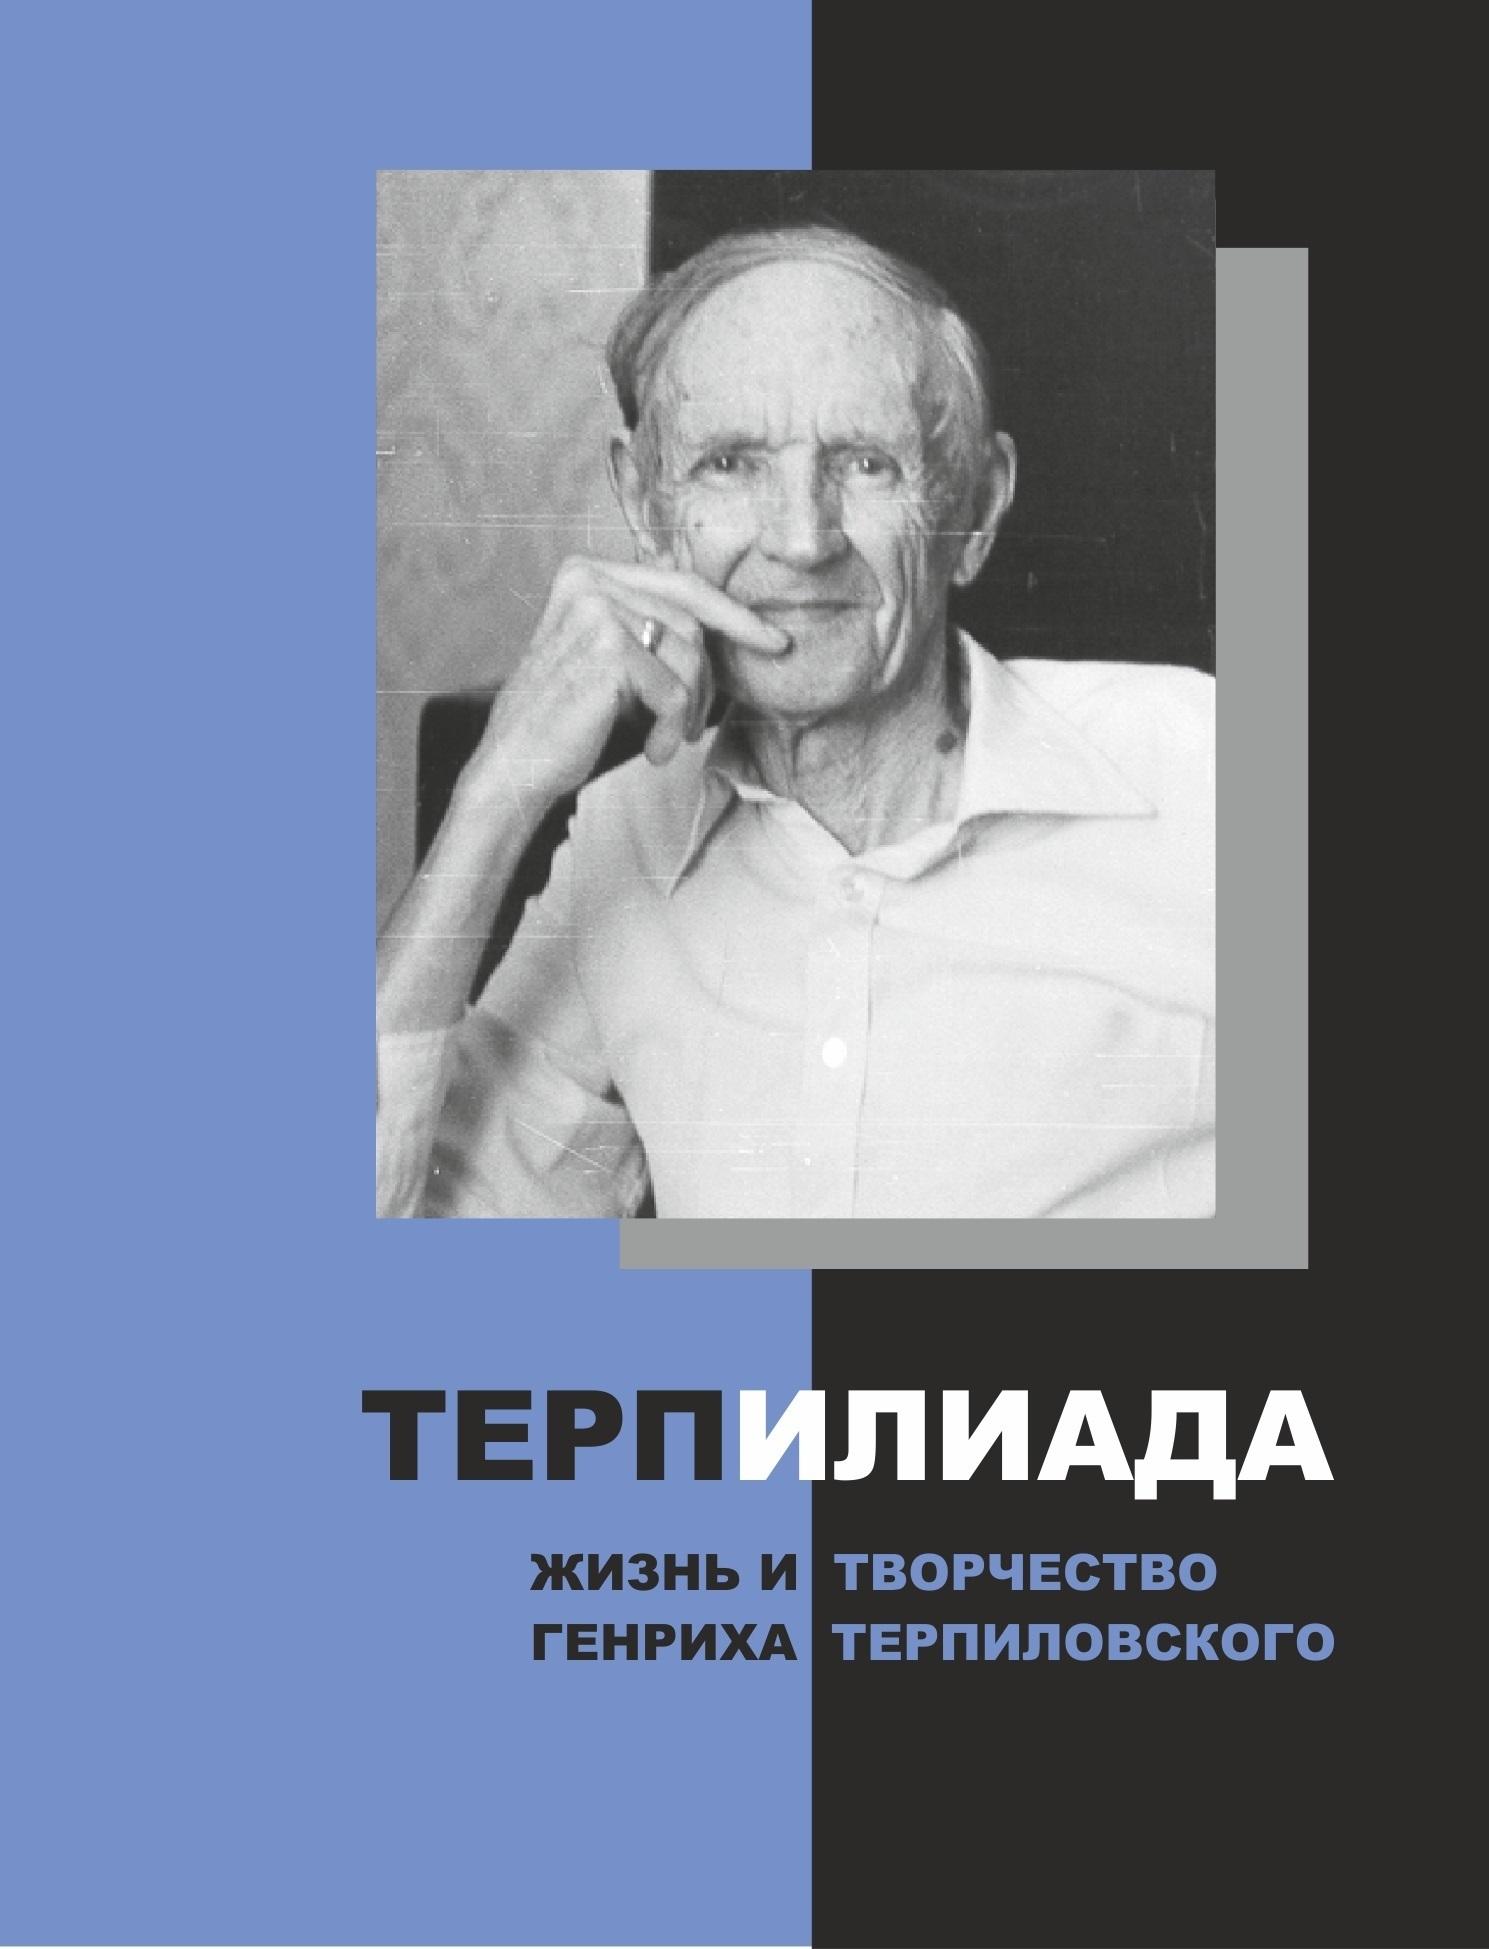 Владимир Гладышев - ТерпИлиада. Жизнь и творчество Генриха Терпиловского